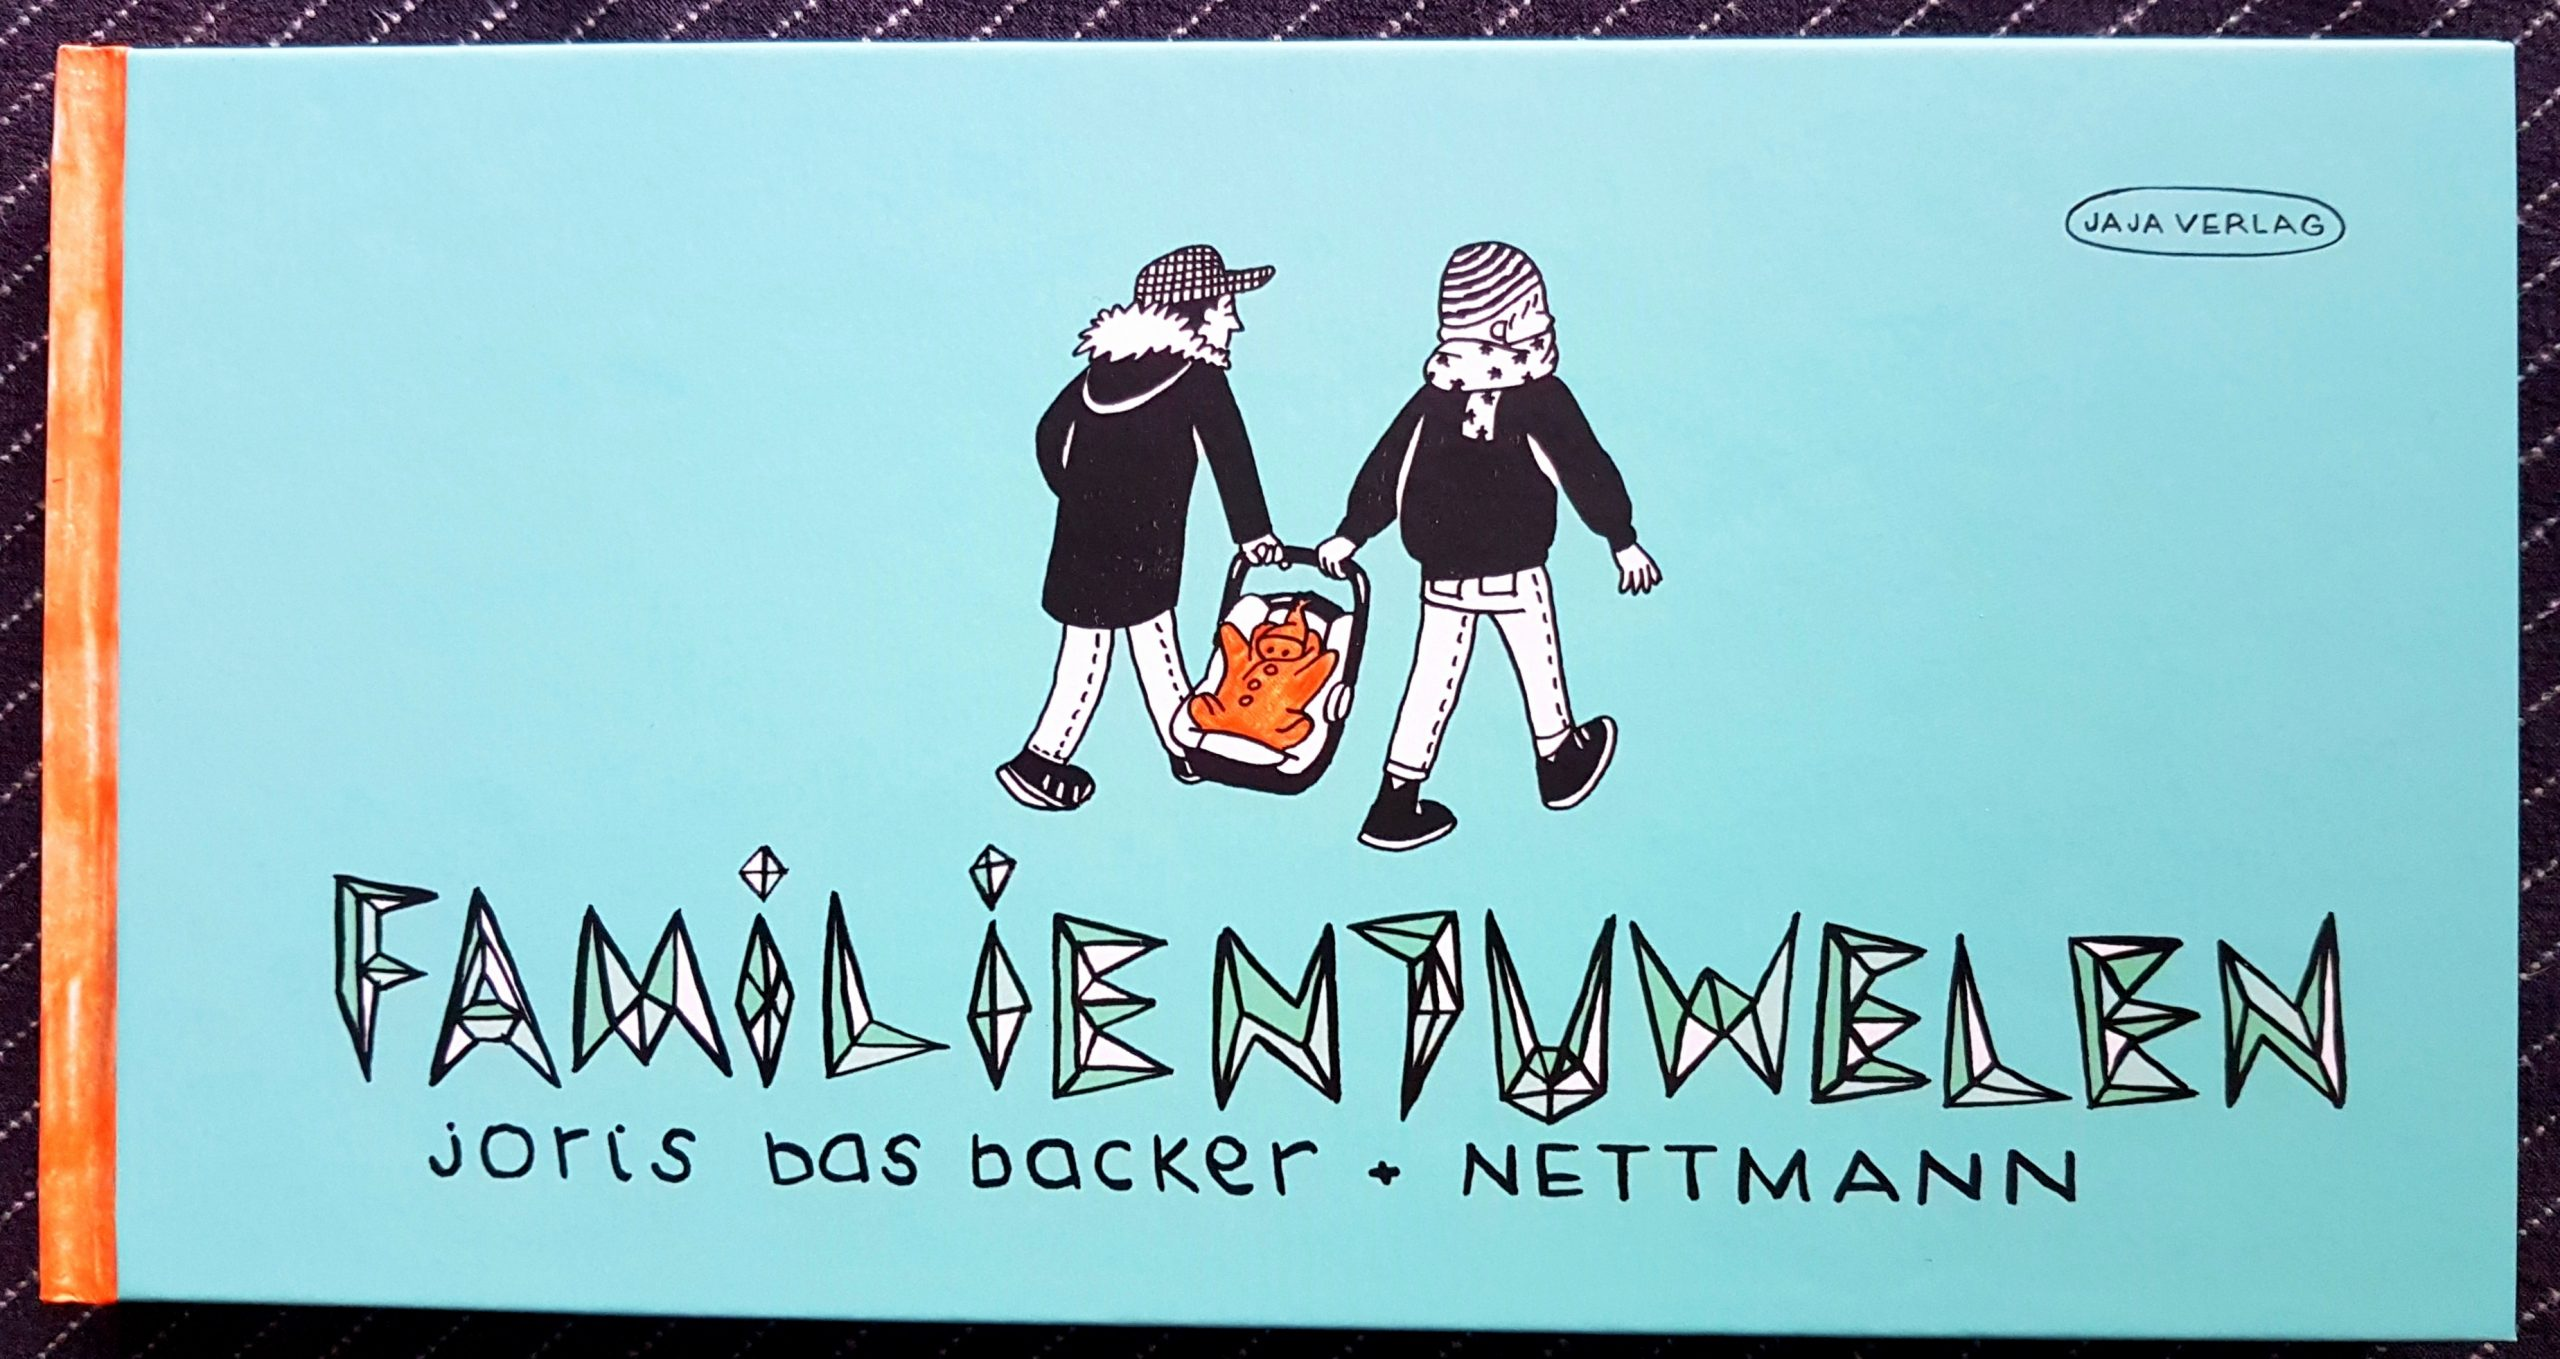 Buchdeckel von »Familienjuwelen« von Joris Bas Backer und Nettman. Der Hintergrund ist Pastell-Türkis. Der Titel ist nur in Großbuchstaben geschrieben, die aus Dreiecksformen zusammengesetzt sind. Darunter auch handgezeichnet, die Autoren. Darüber zwei Menschen in dunklen Jacken, hellen Hosen und dunklen Schuhen, die gemeinsam ein Kind in einem Autositz tragen, es hat einen orangefarbenden Schneeanzug an. Oben Links der Schriftzug Jaja Verlag in einem Kreis.